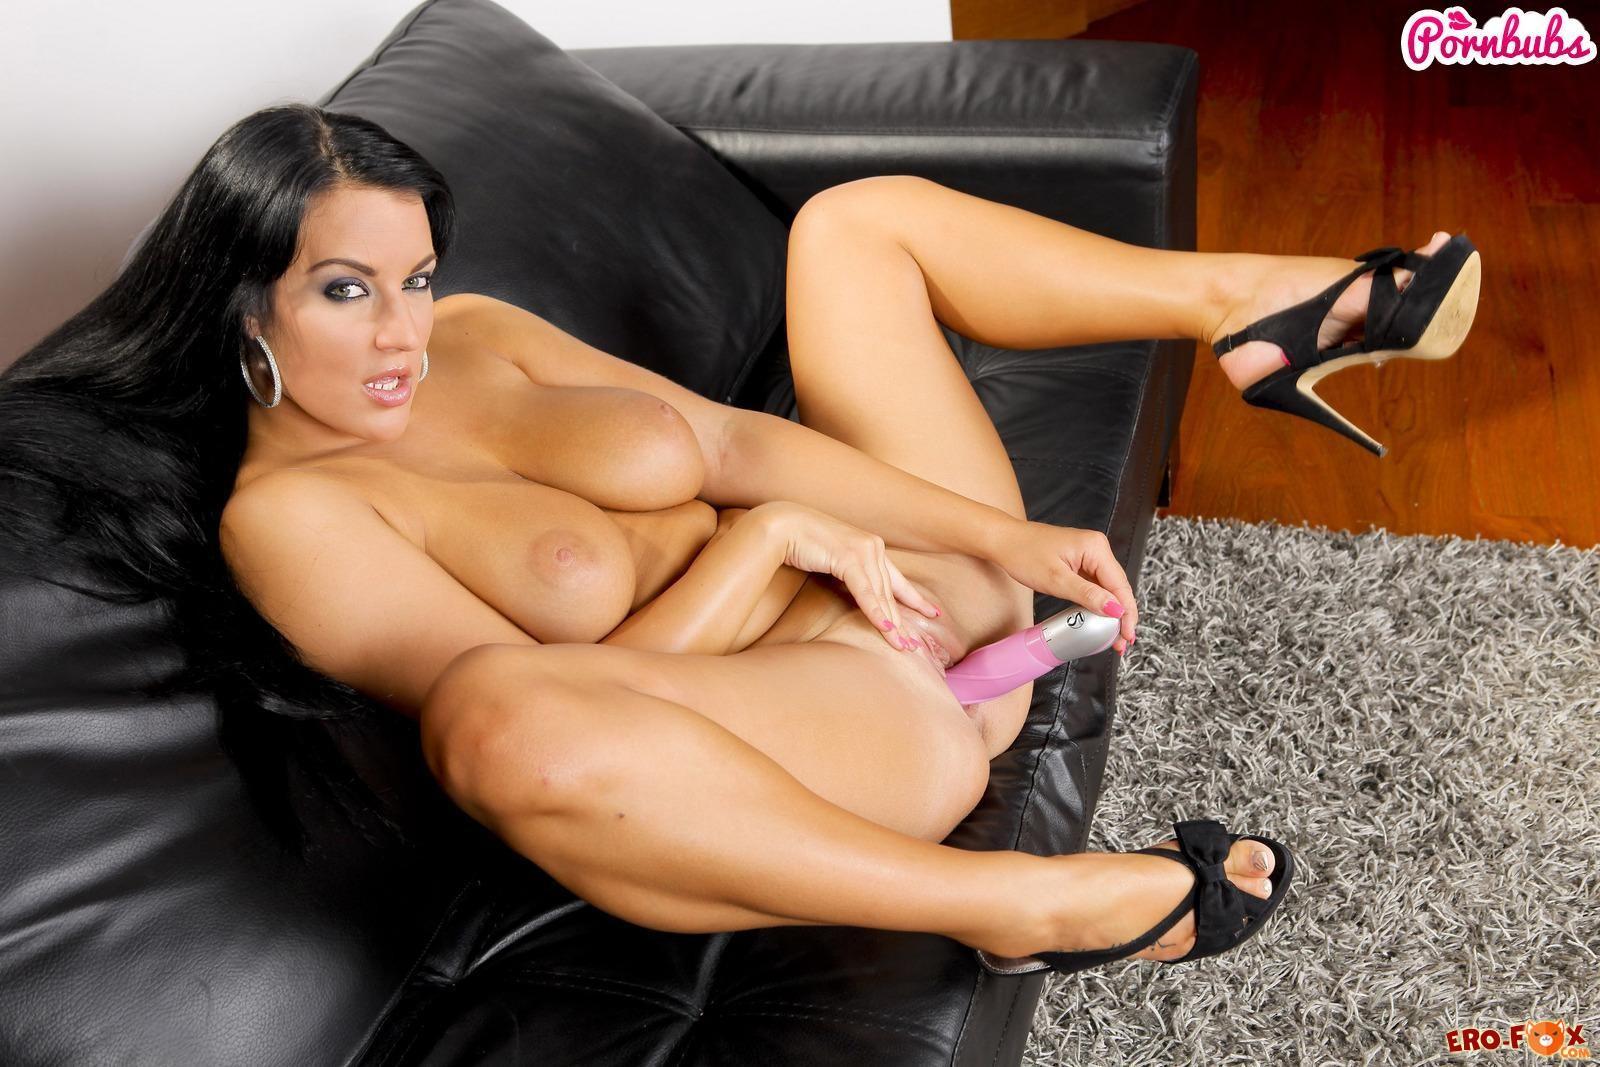 Загорелая дама лижет секс игрушку  эротика